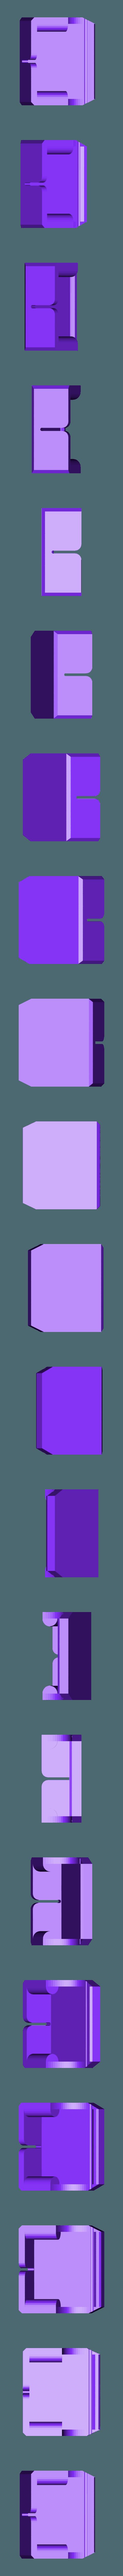 cover.stl Télécharger fichier STL gratuit Couteau à câble plat • Design pour imprimante 3D, kpawel